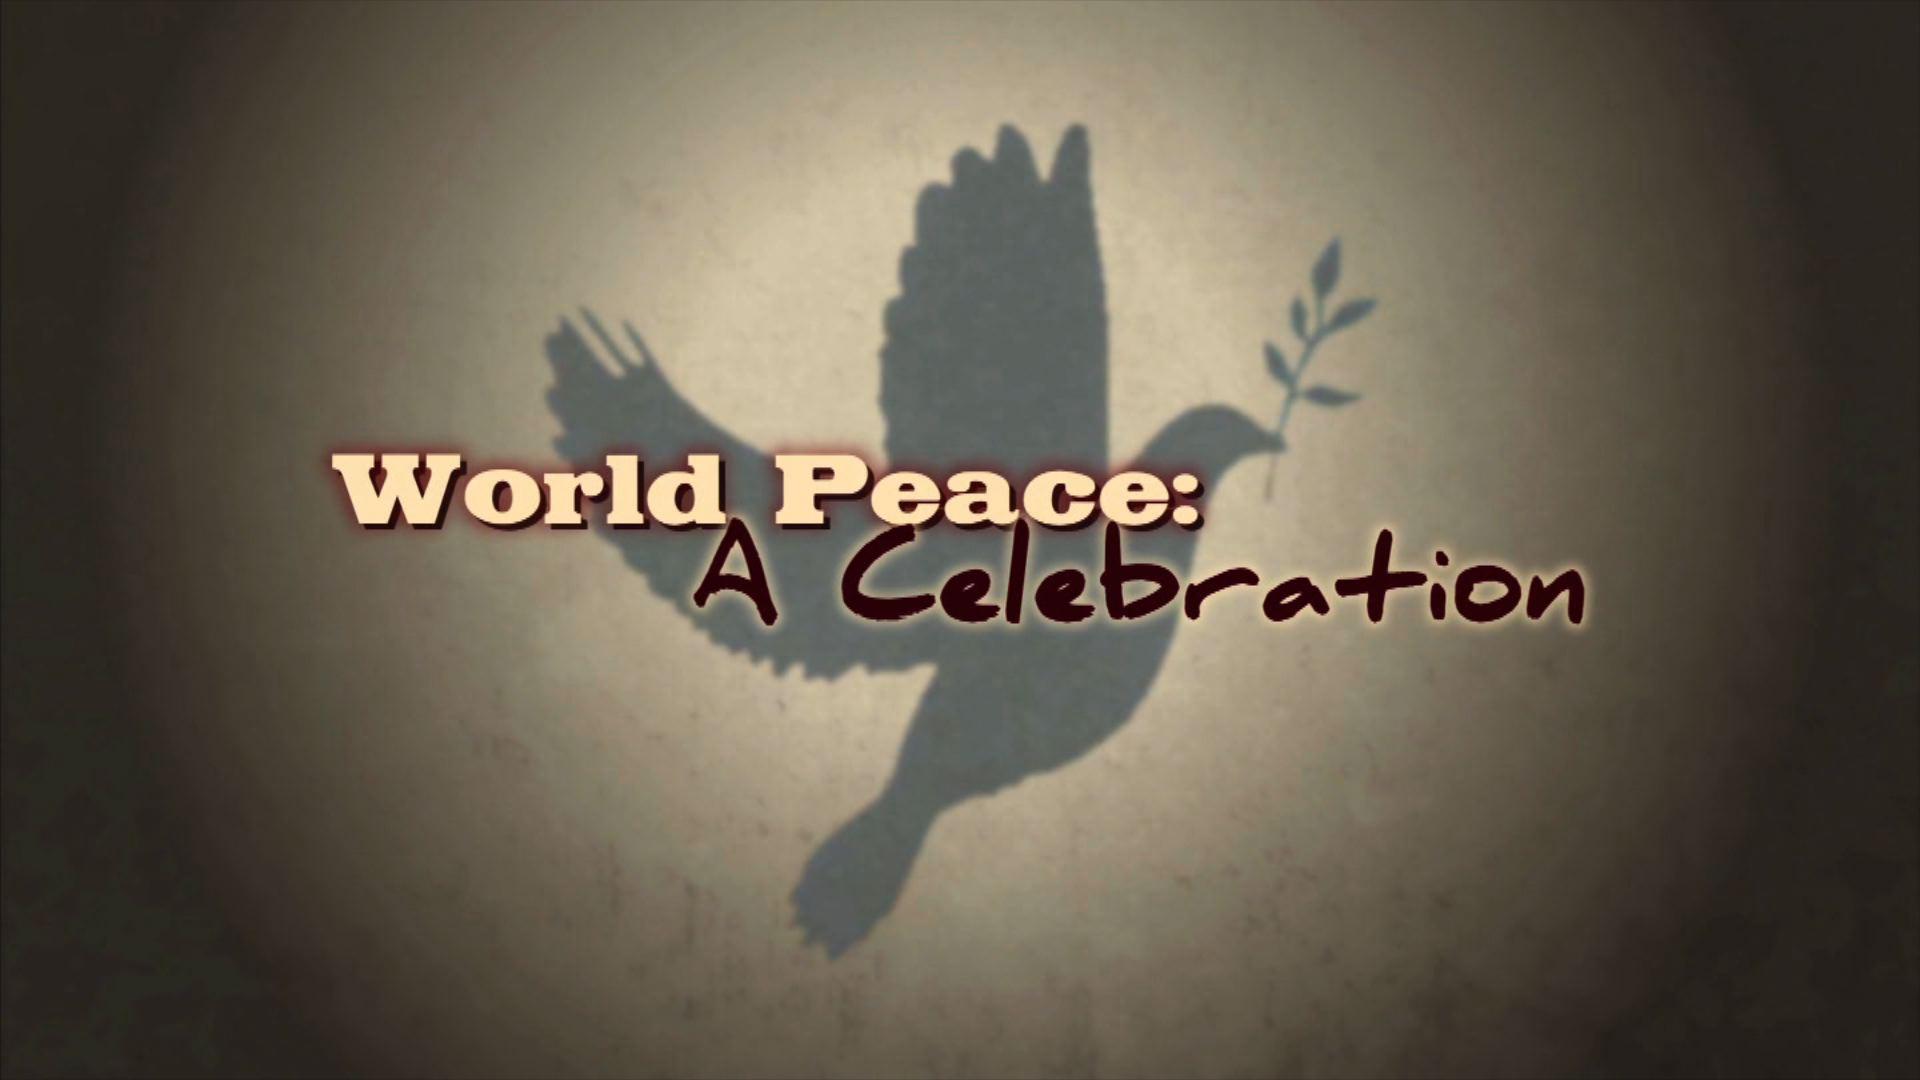 World Peace: A Celebration